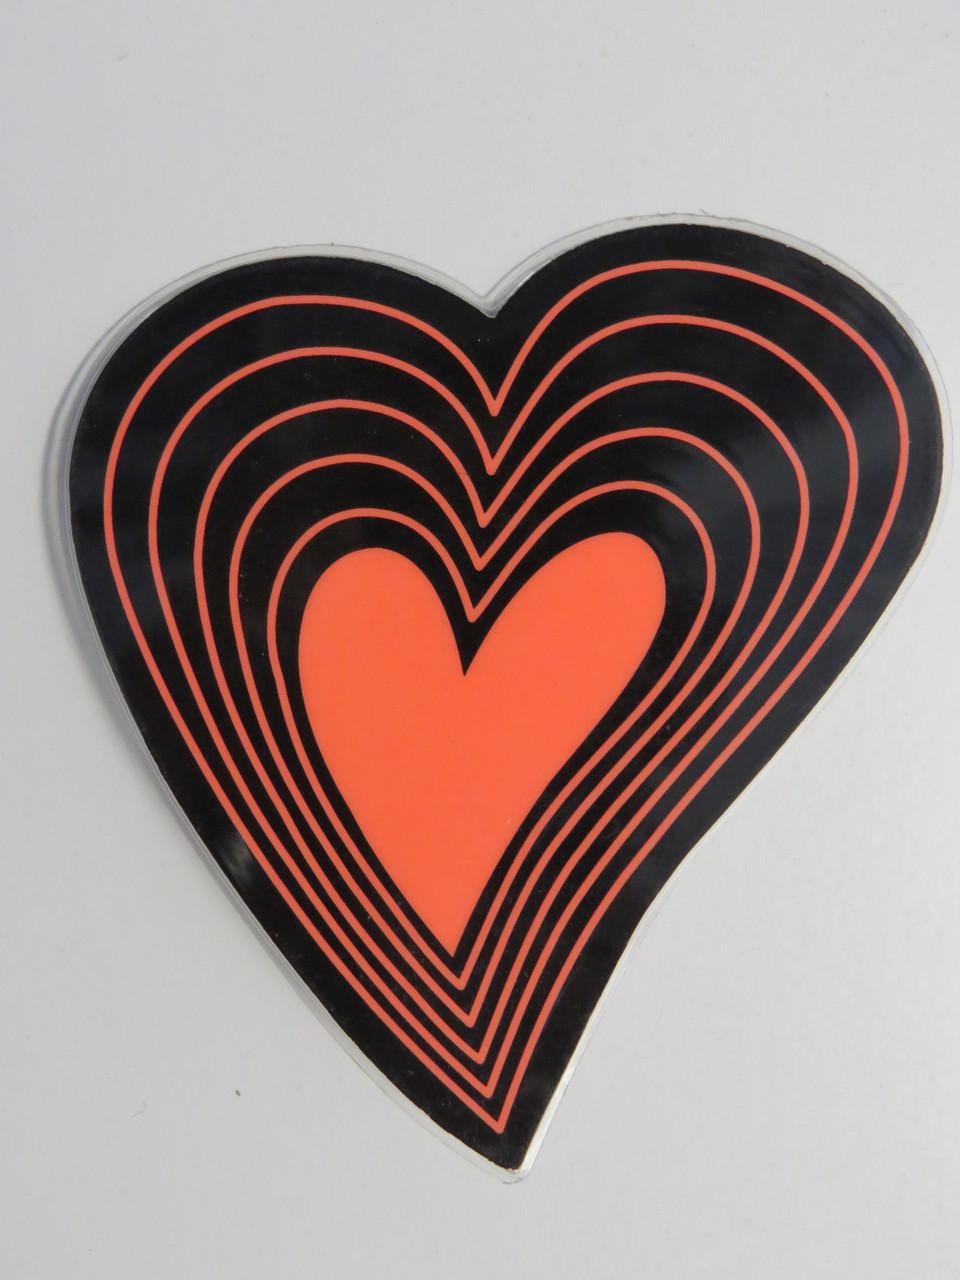 Підсвічування серце світиться 12В 16 режимів